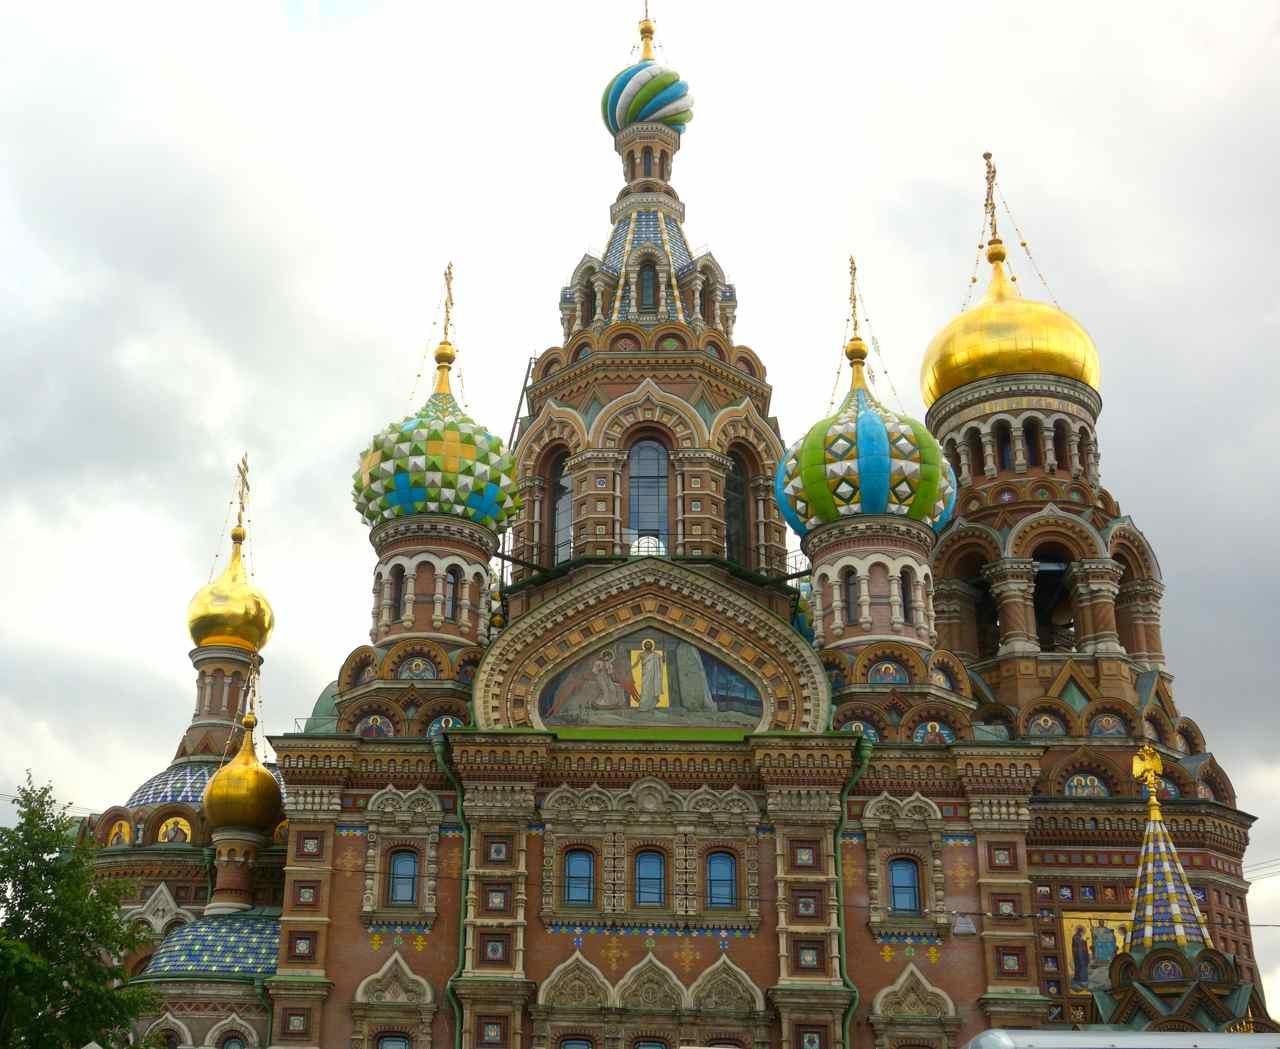 St Petersburg Sehenswürdigkeiten Mit Infos Tipps